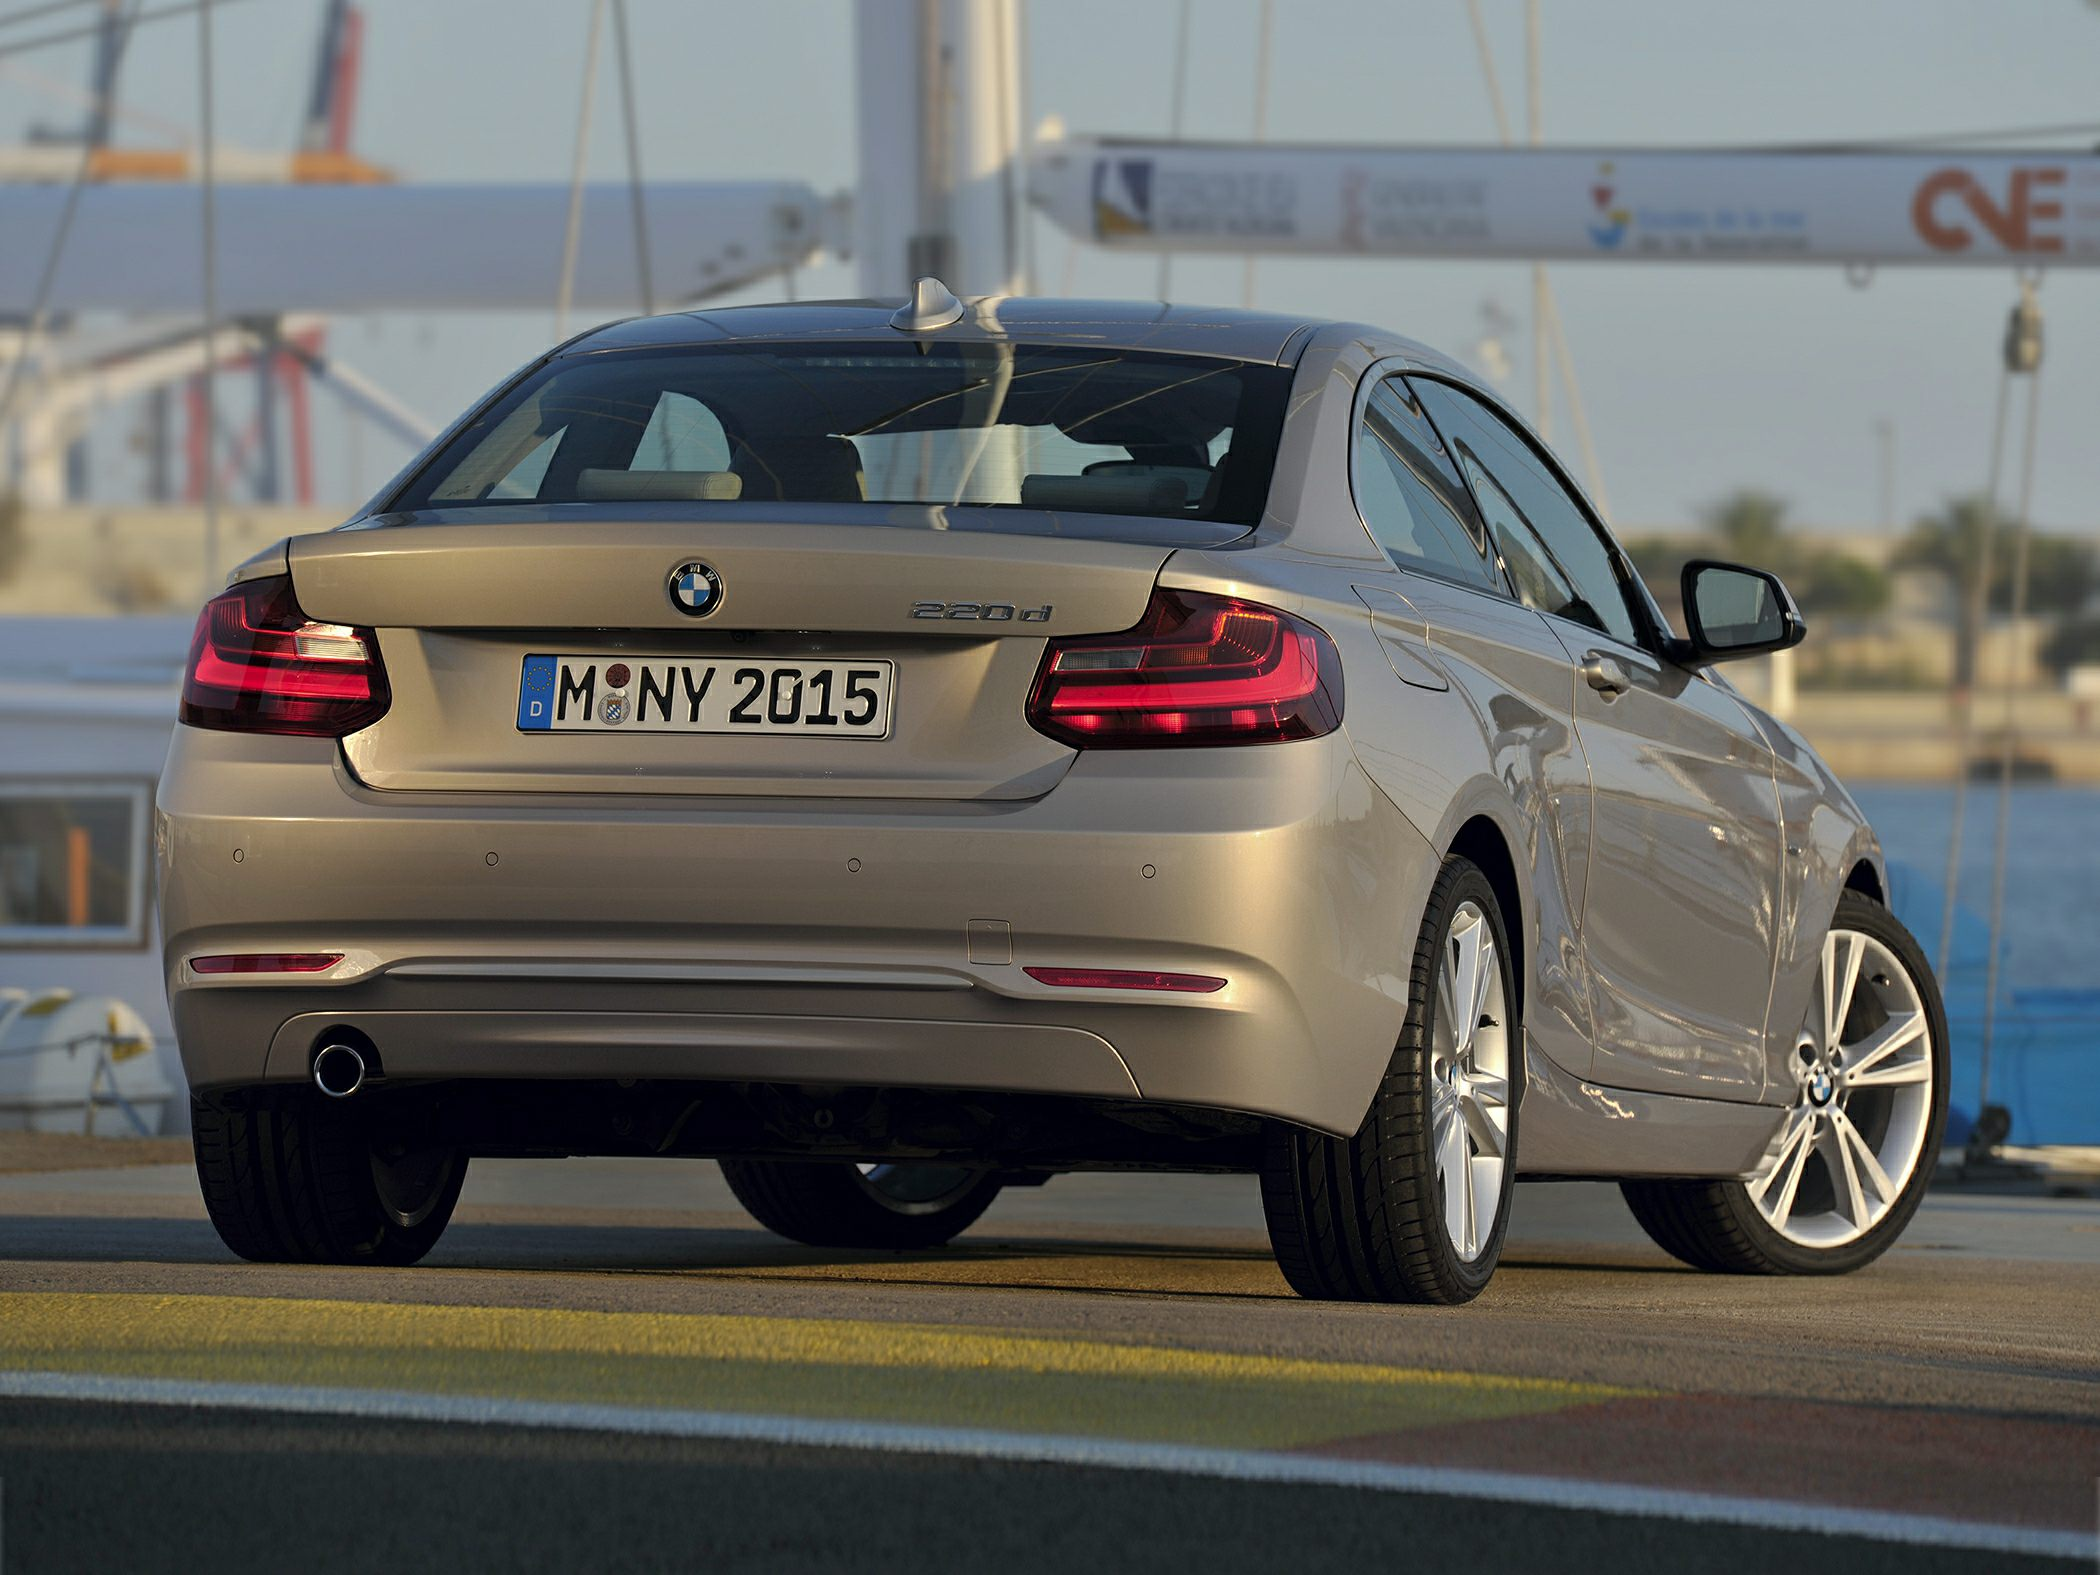 2014 BMW 228 Rear